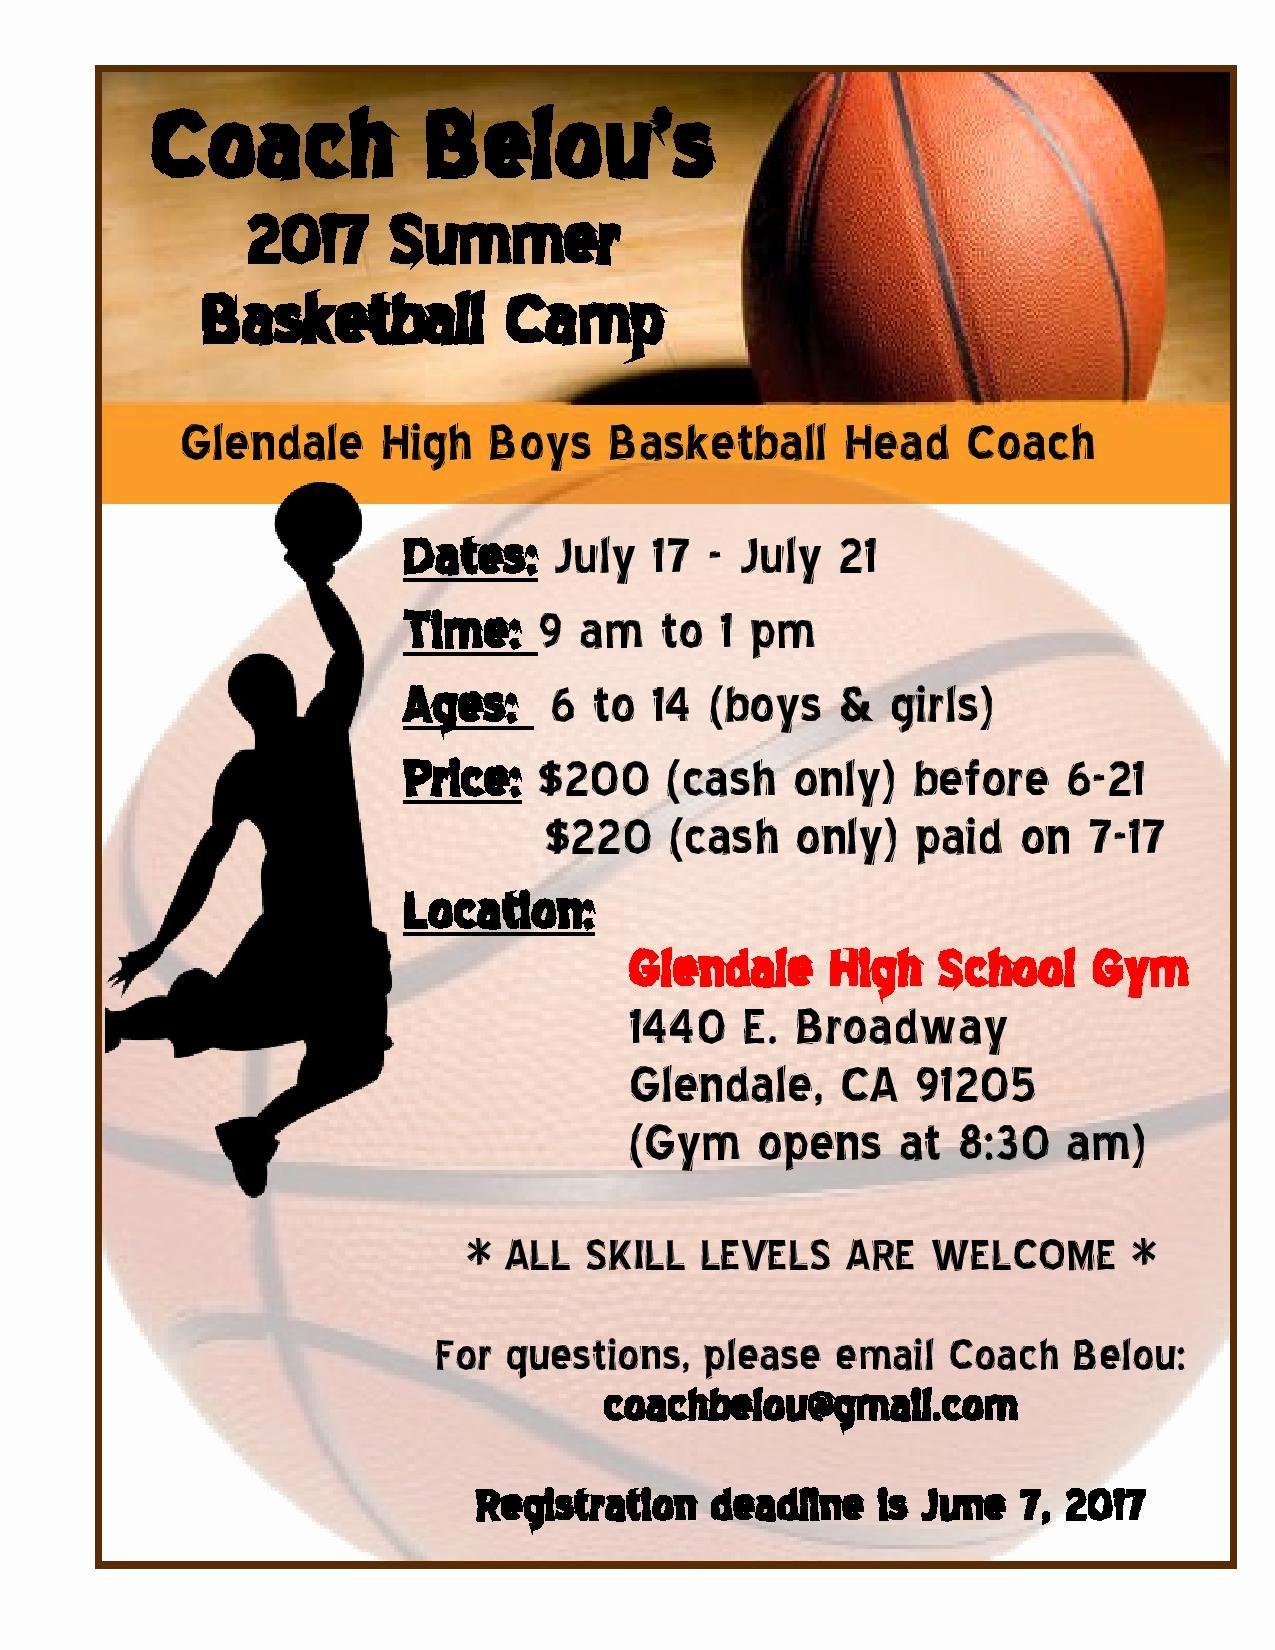 Basketball Camp Flyer Template New Coach Belou S Summer Basketball Camp Full force Basketball